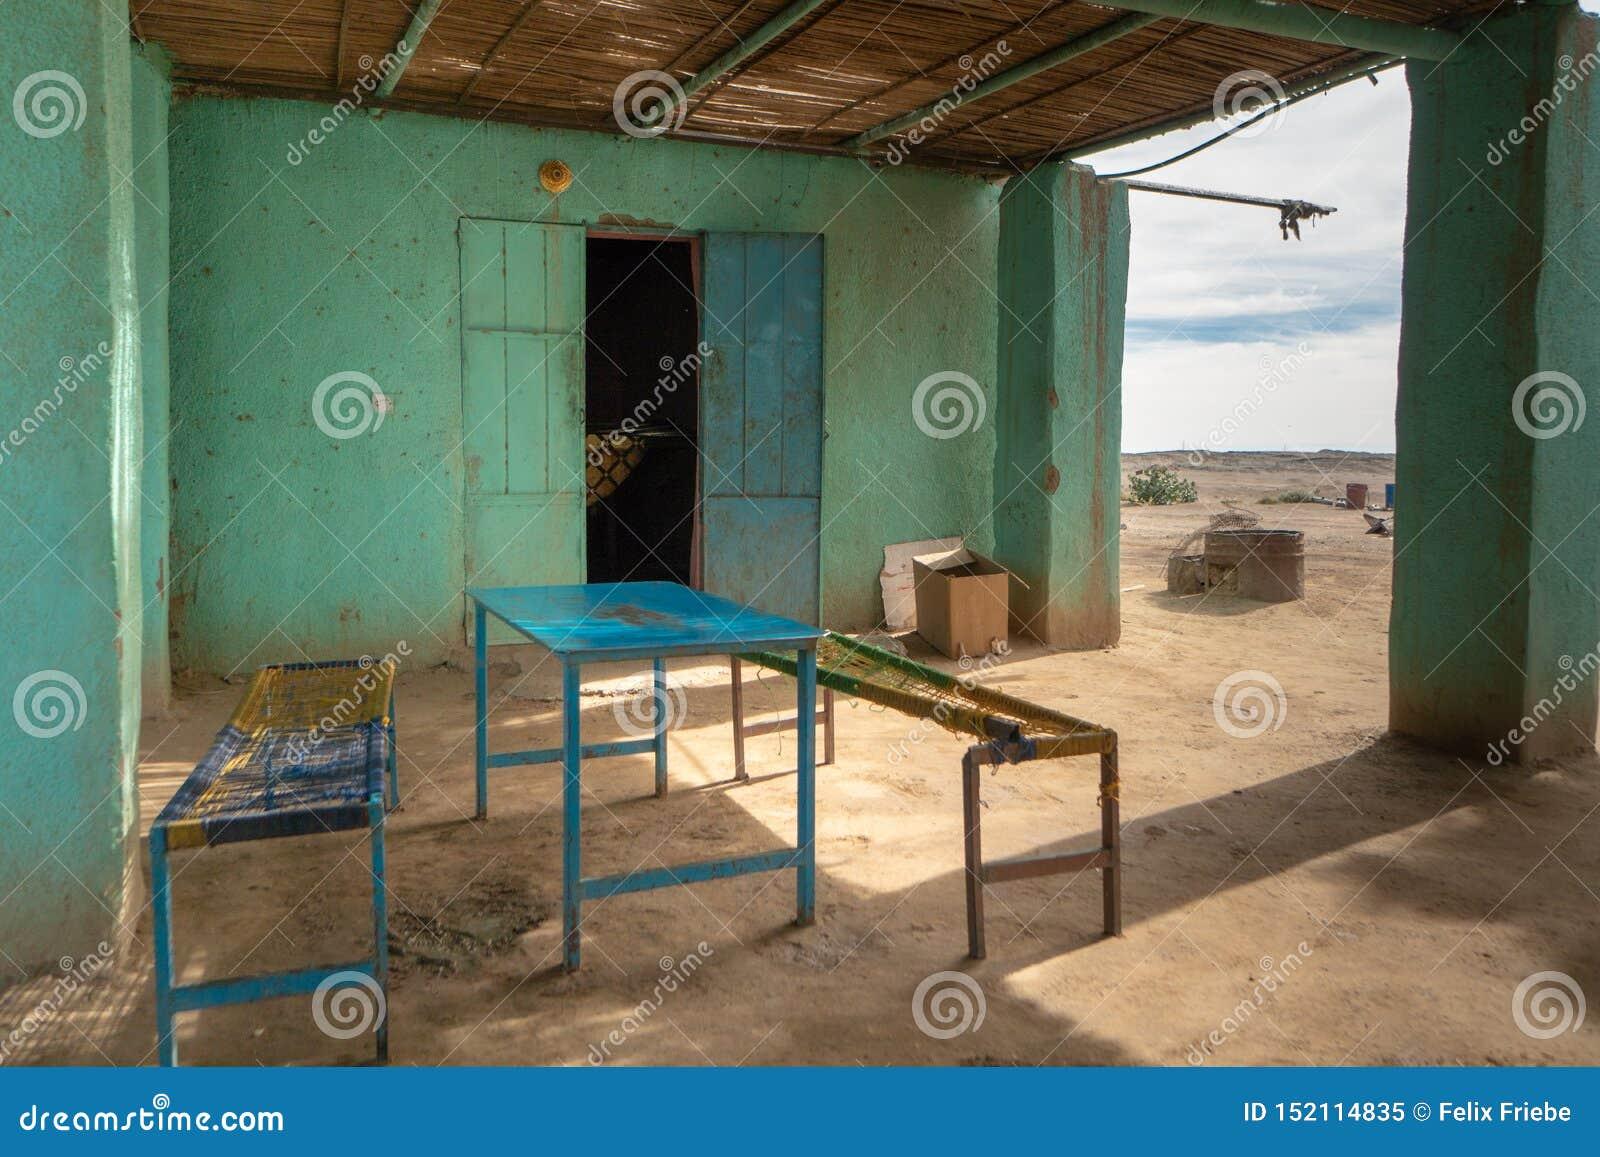 Традиционный суданский ресторан где нормально служат протухшие фасоли и хлеб